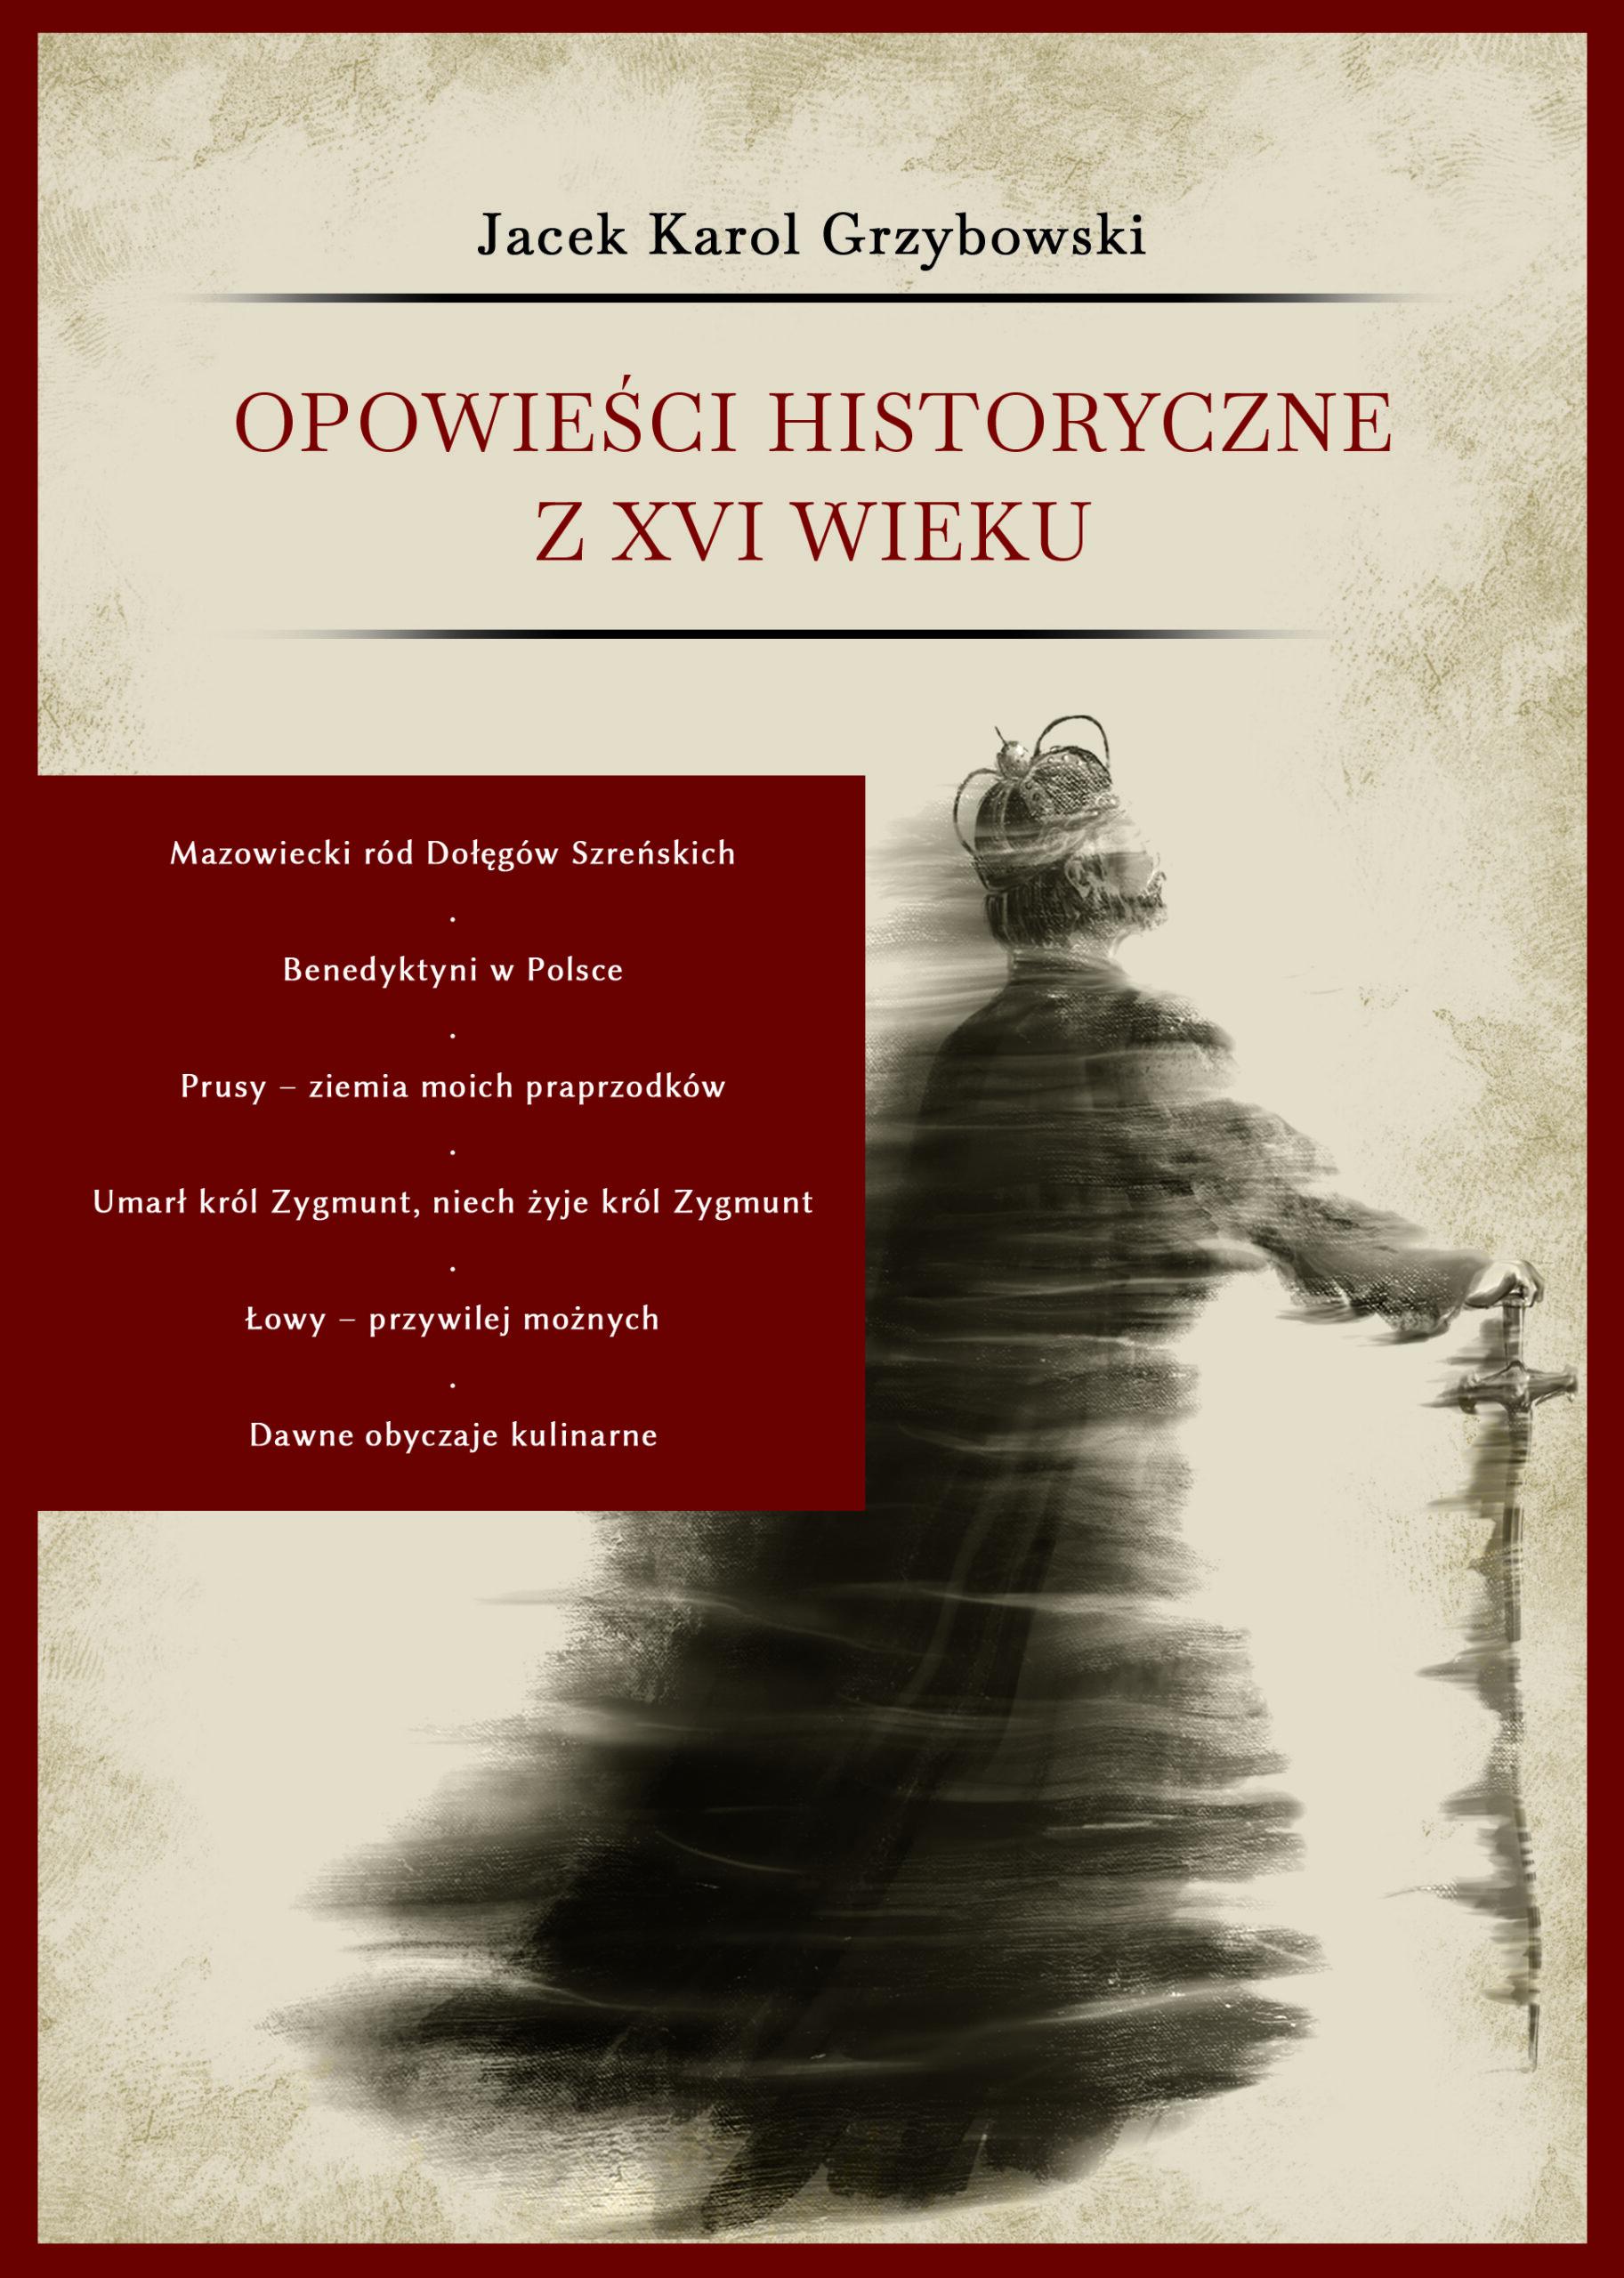 Opowieści historyczne z XVI wieku Jacek Karol Grzybowski